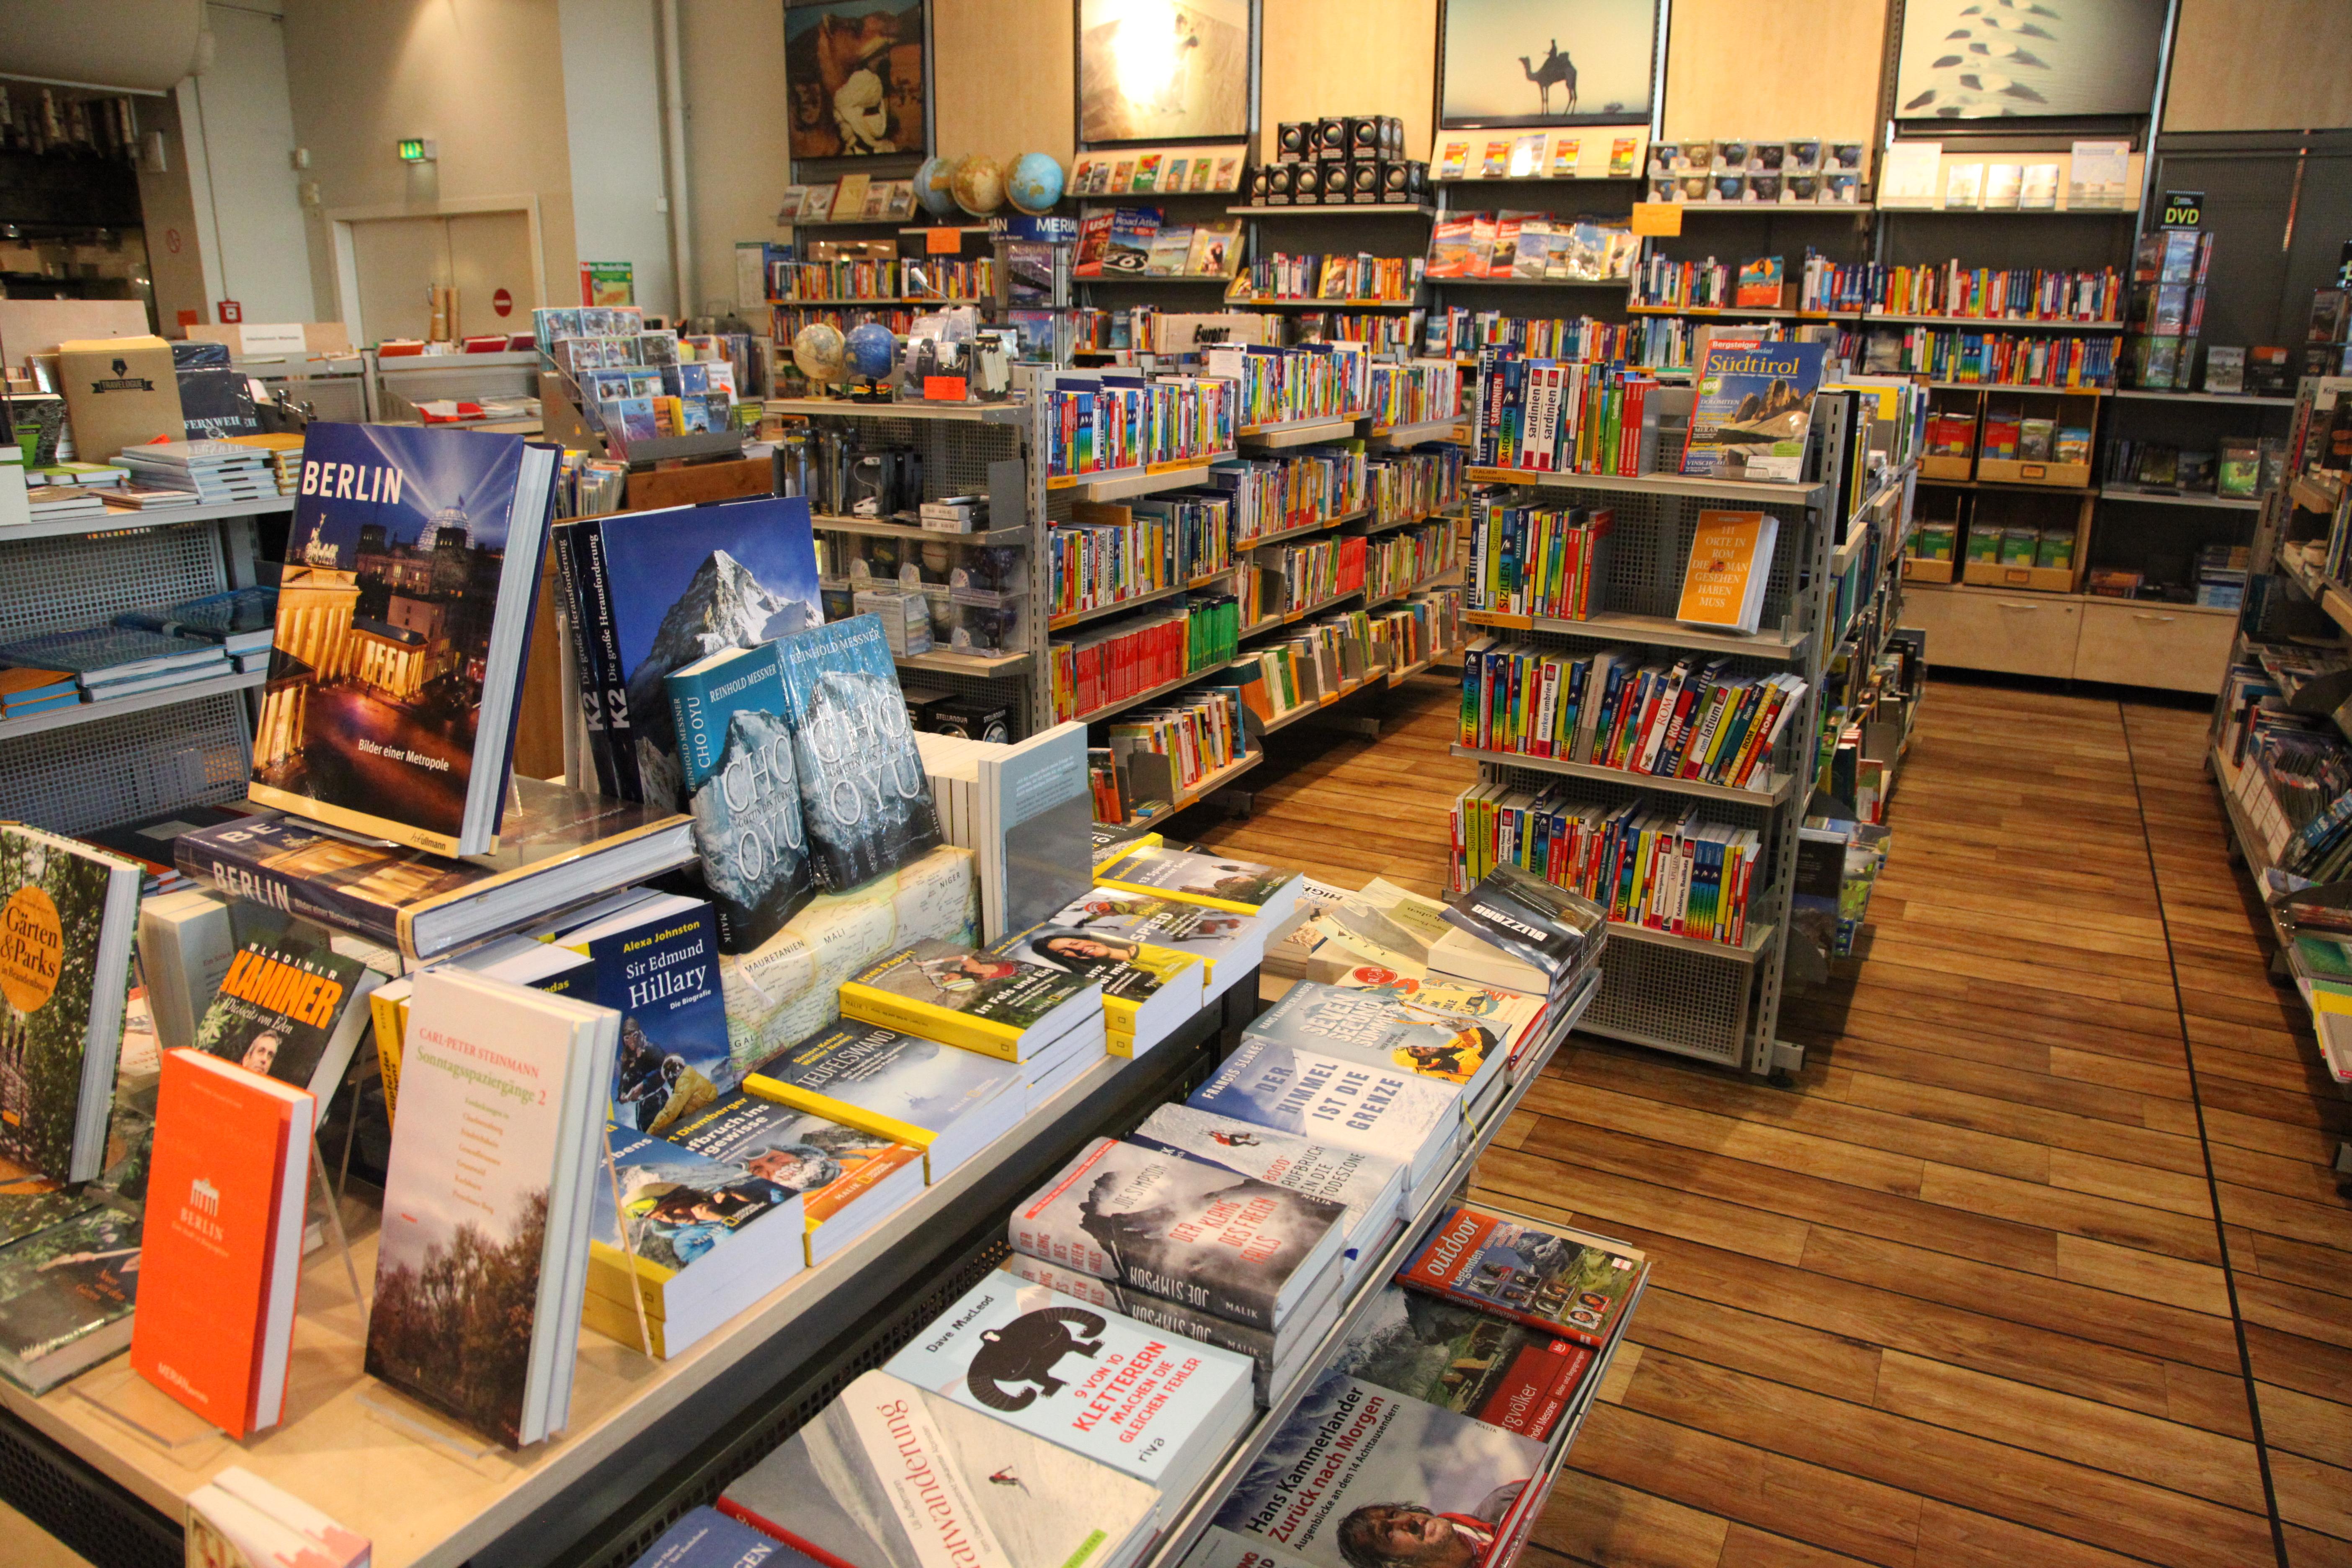 Kletterausrüstung Berlin : Presseinfo filiale berlin globetrotter.de